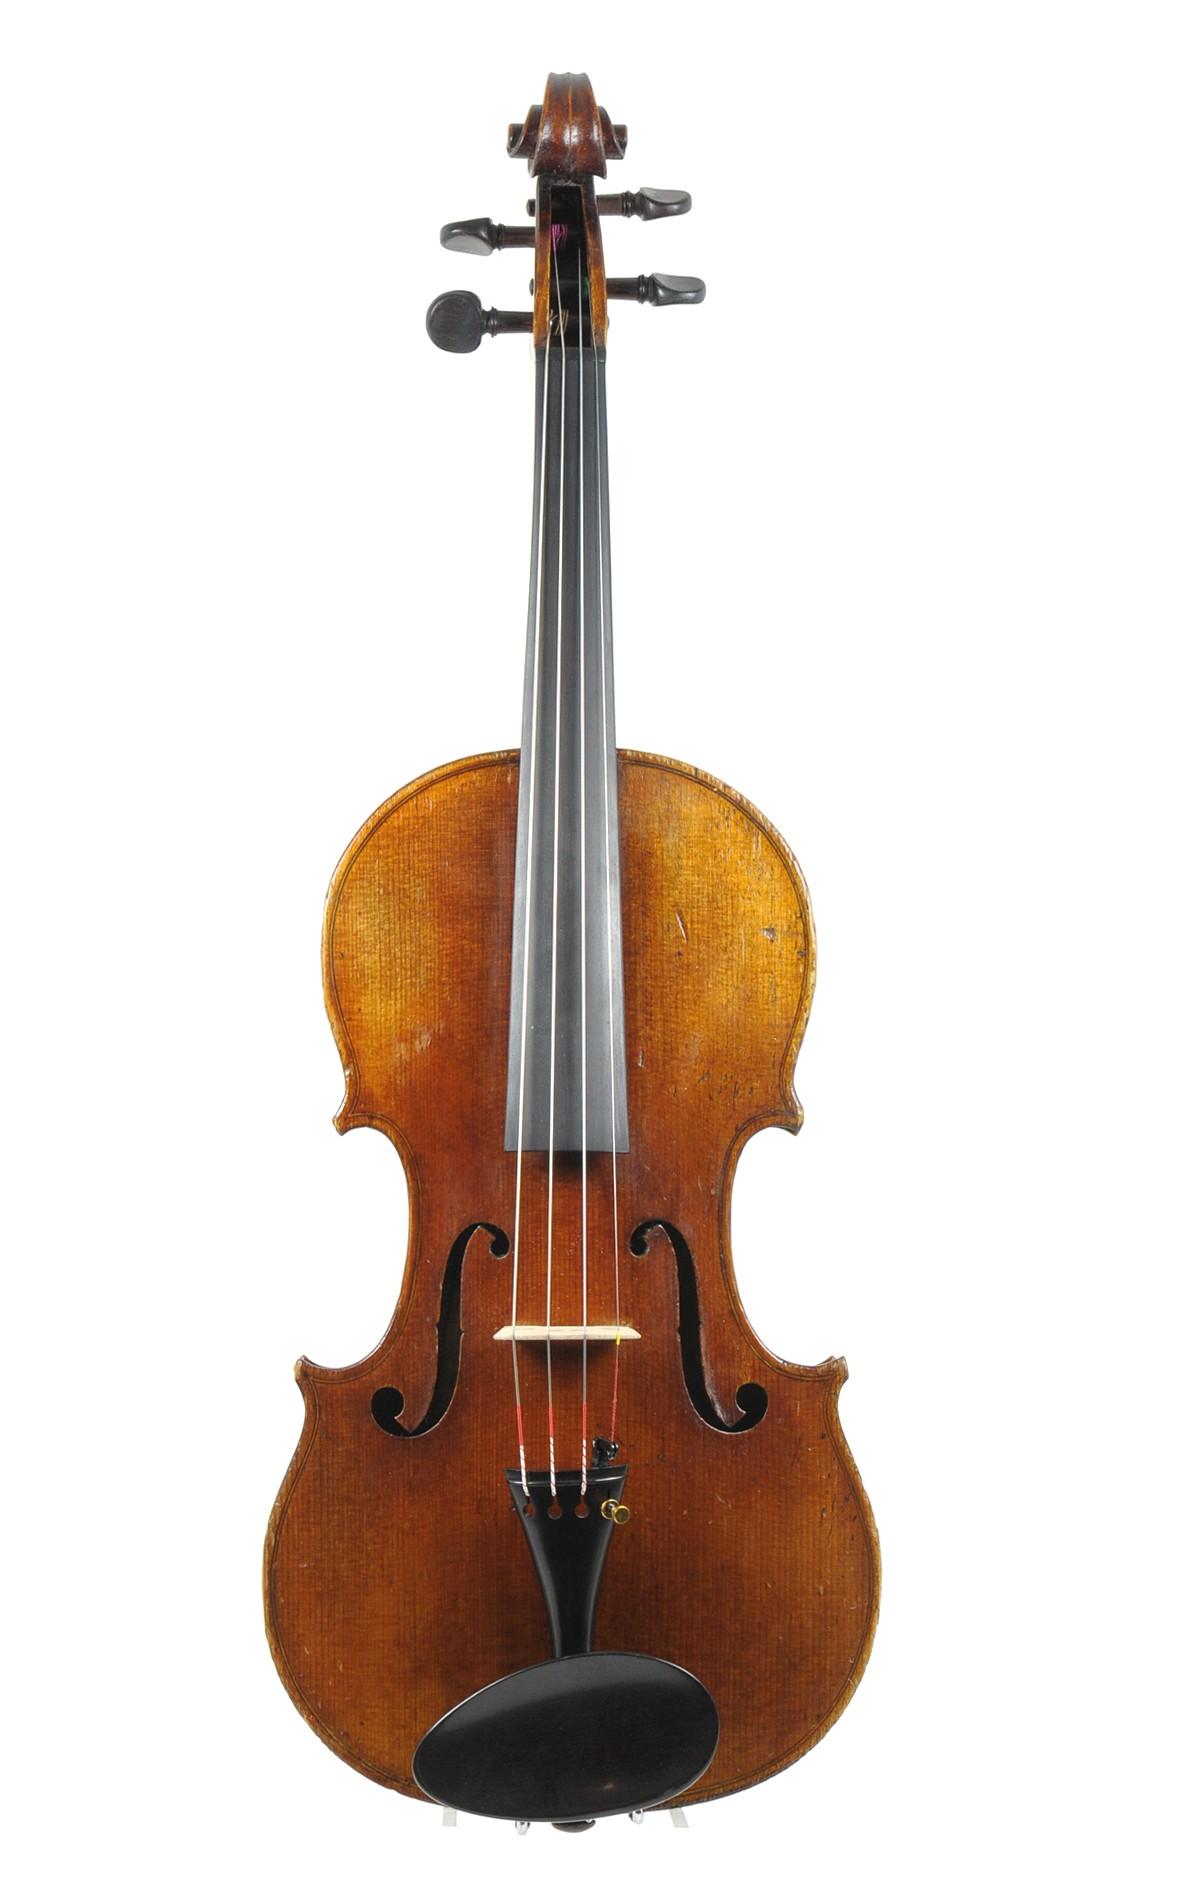 Georges Adolphus Chanot, violin No. 79 - top